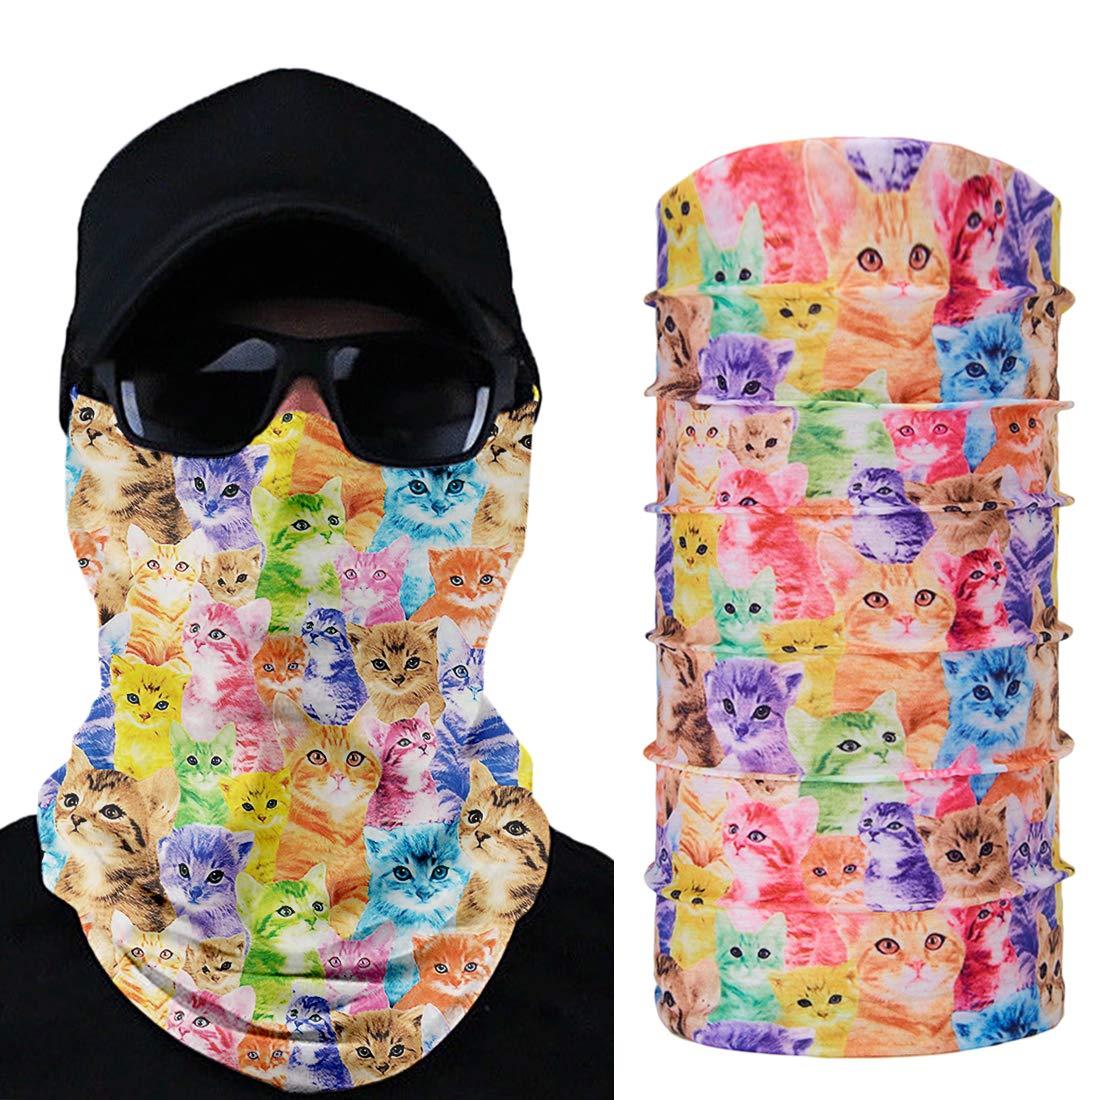 TUONROAD Schlauchtuch Baumwolle Multifunktionstuch Vielseitig Motorradmaske Gesichtsmaske SchweißBand Multifunktionstuch Bandana Tuch